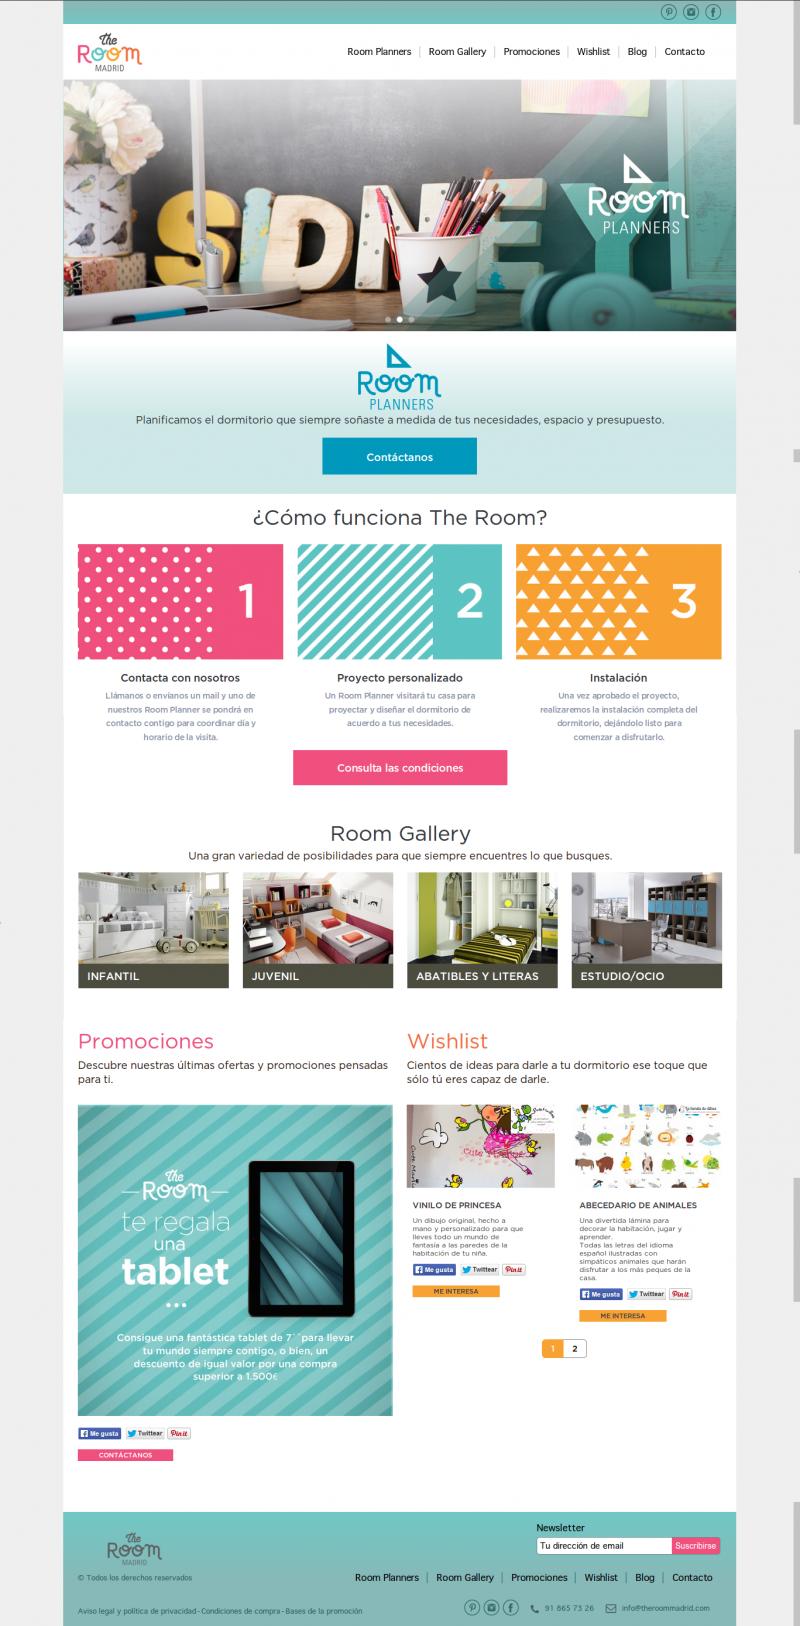 Portada The Room Madrid. Diseño Web FabrikaGrafika Wordpress